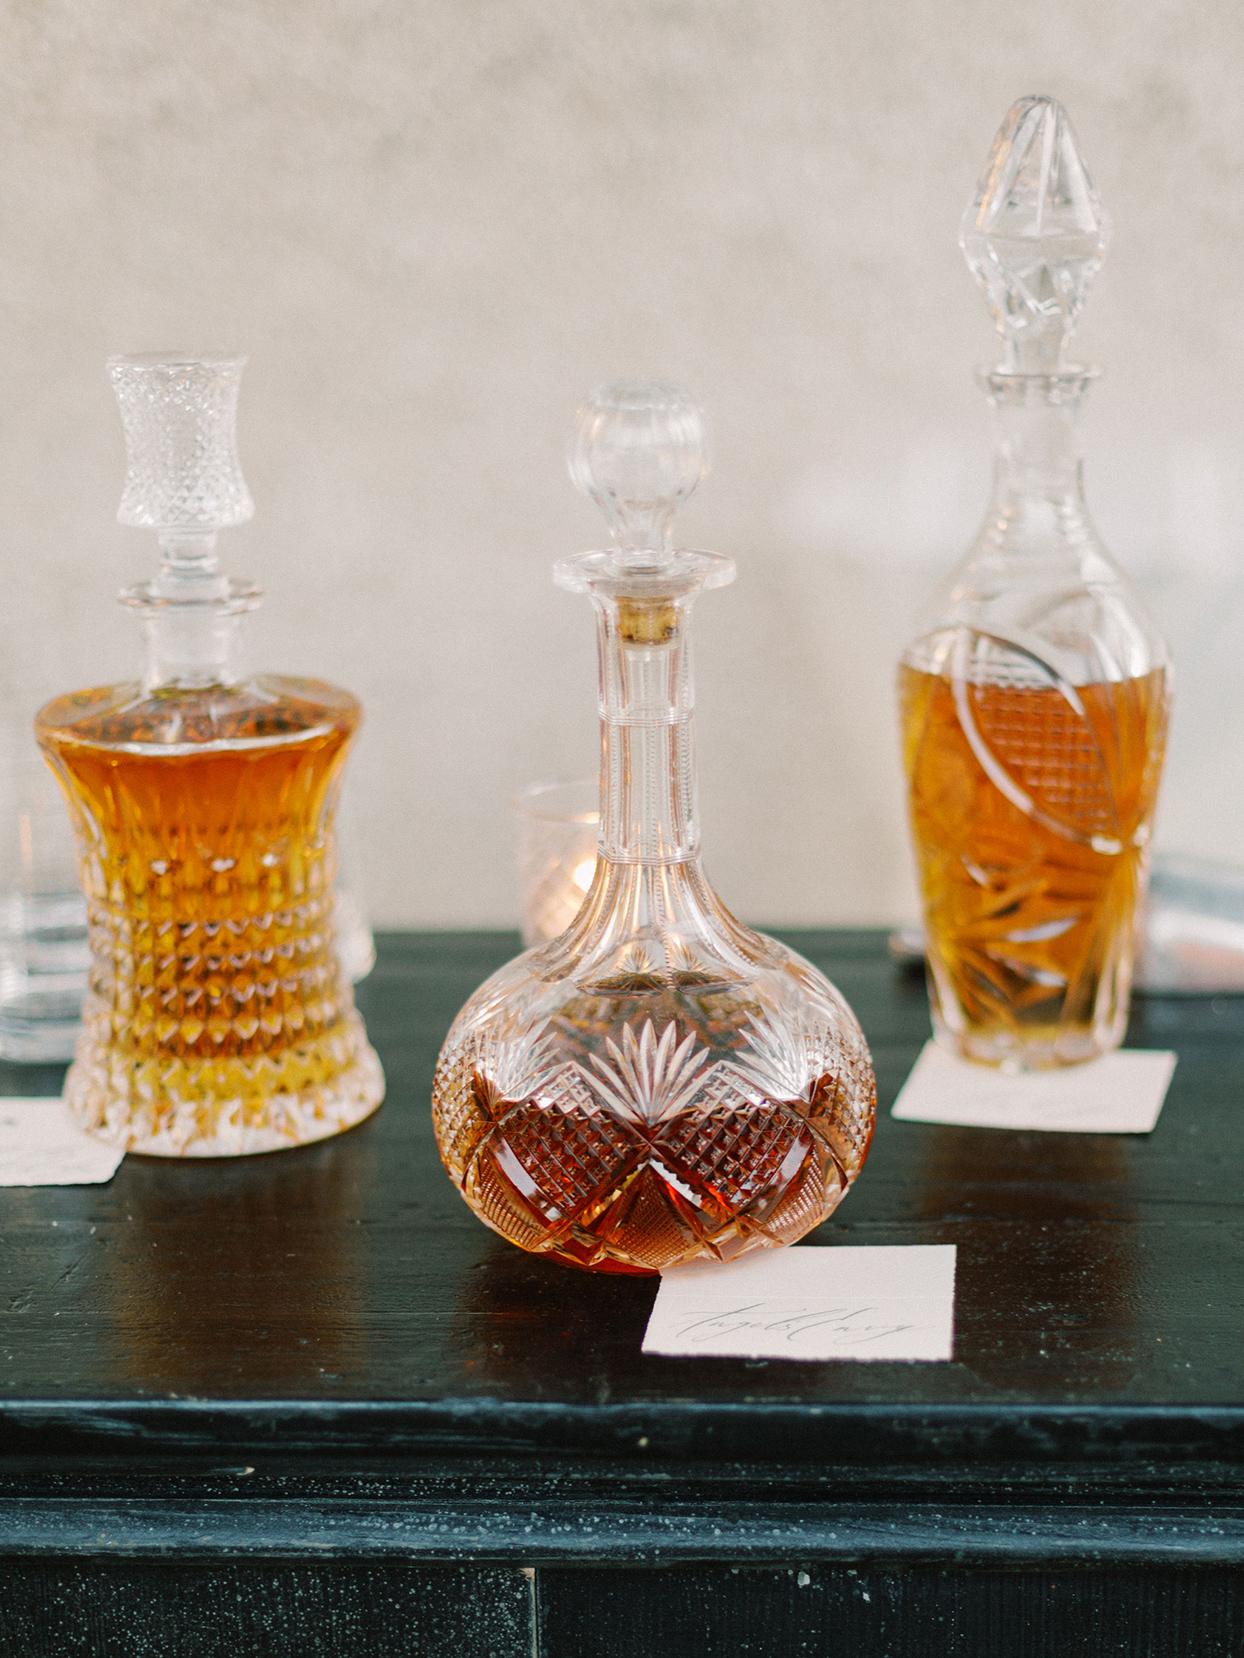 megan parking wedding ornate glass bottles of liquor